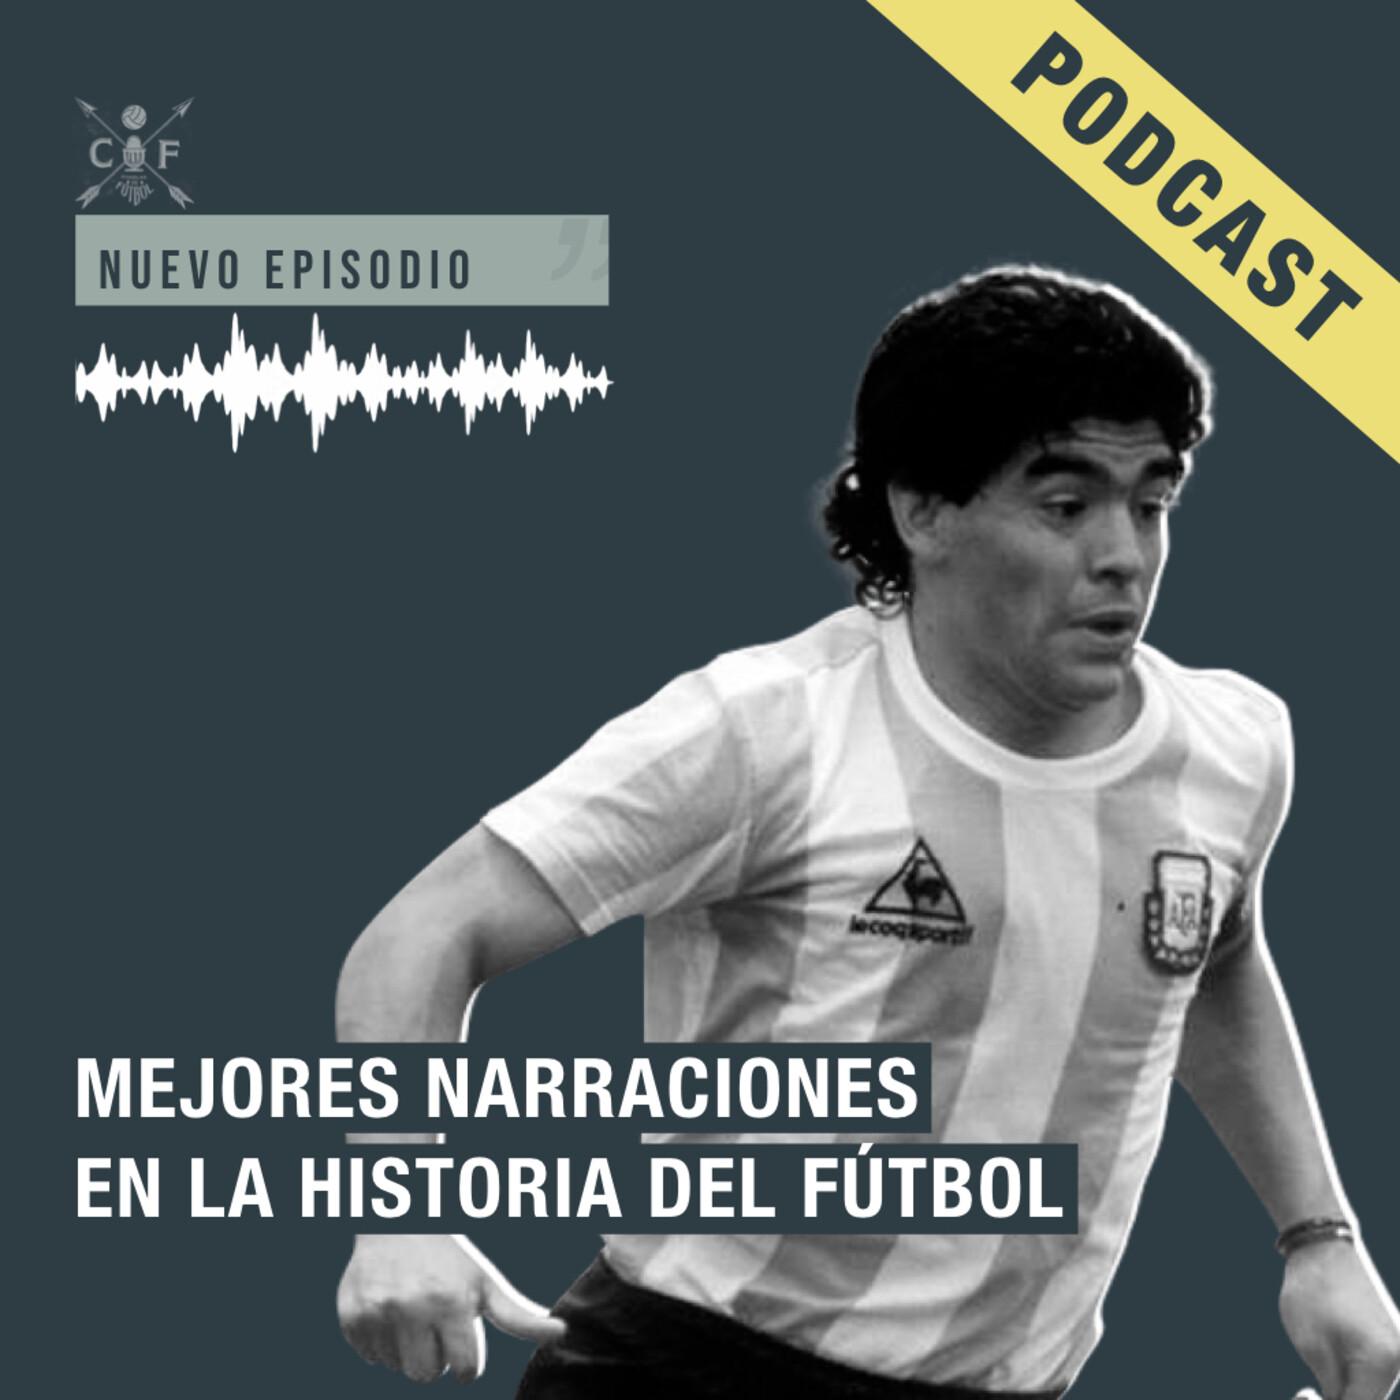 Reaccionamos a las mejores narraciones en la historia del fútbol